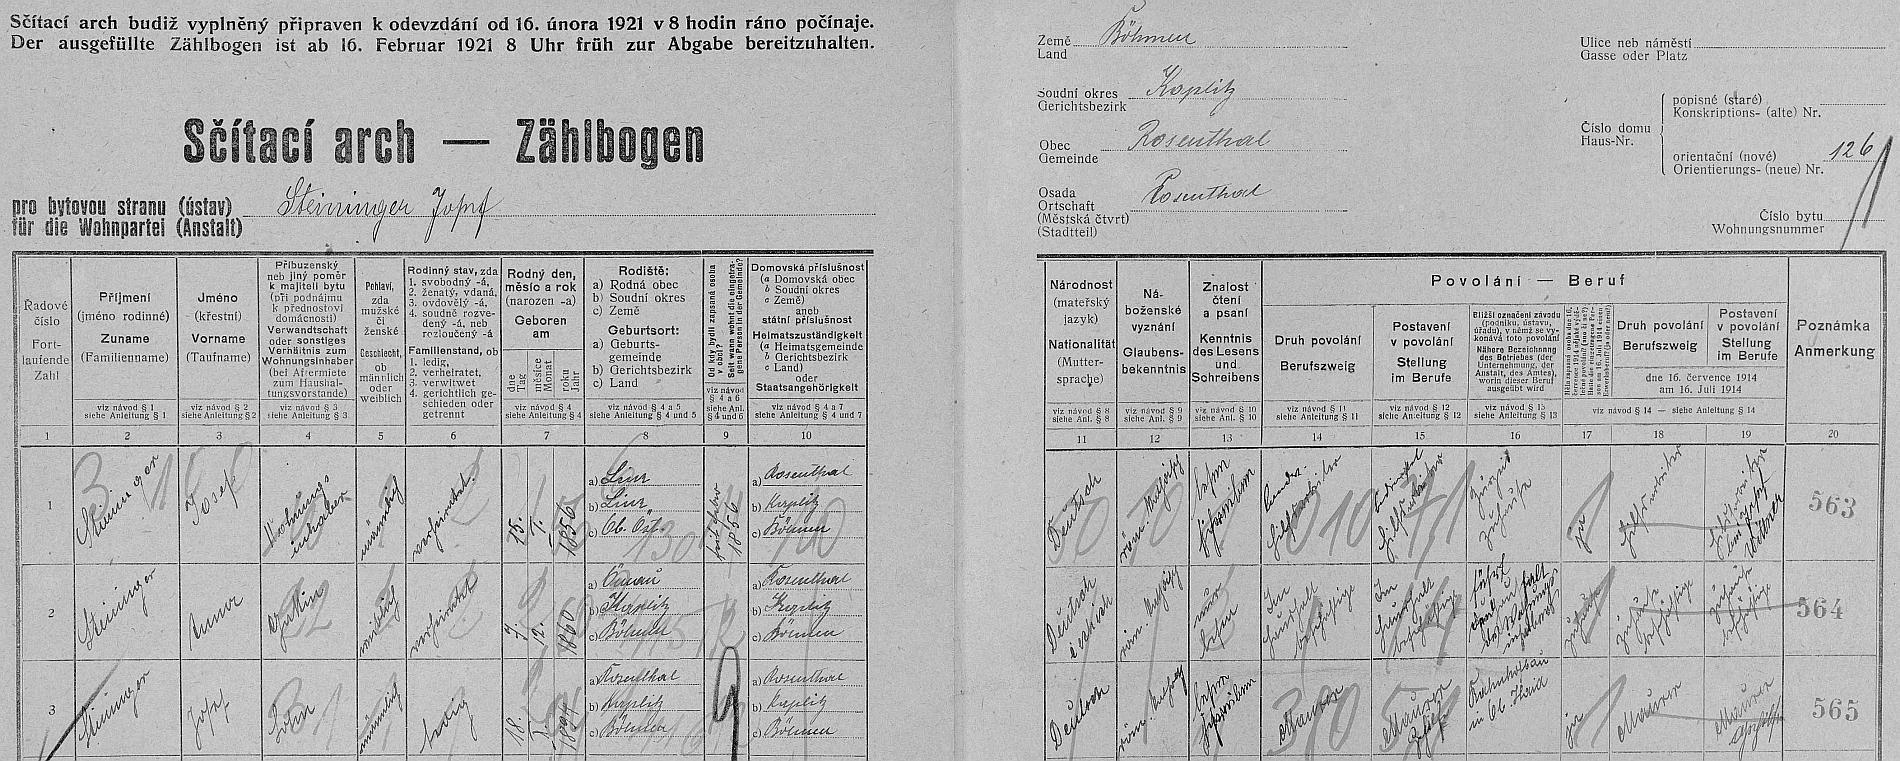 Arch sčítání lidu z roku 1921 pro stavení čp. 126 v Rožmitále na Šumavě s dosud neženatým otcem a jeho rodiči